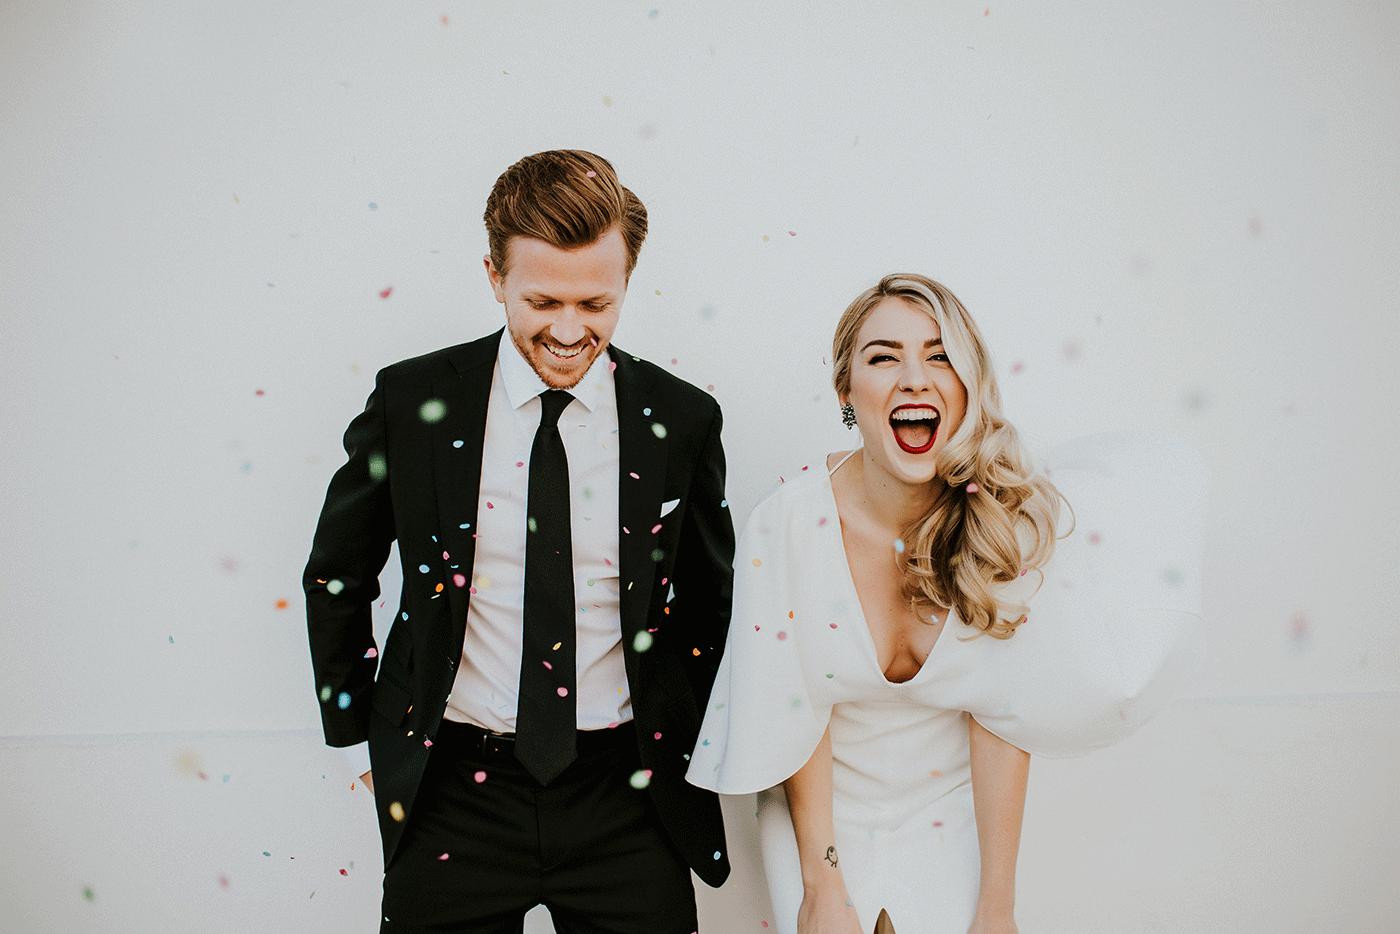 Verrassing voor het bruidspaar